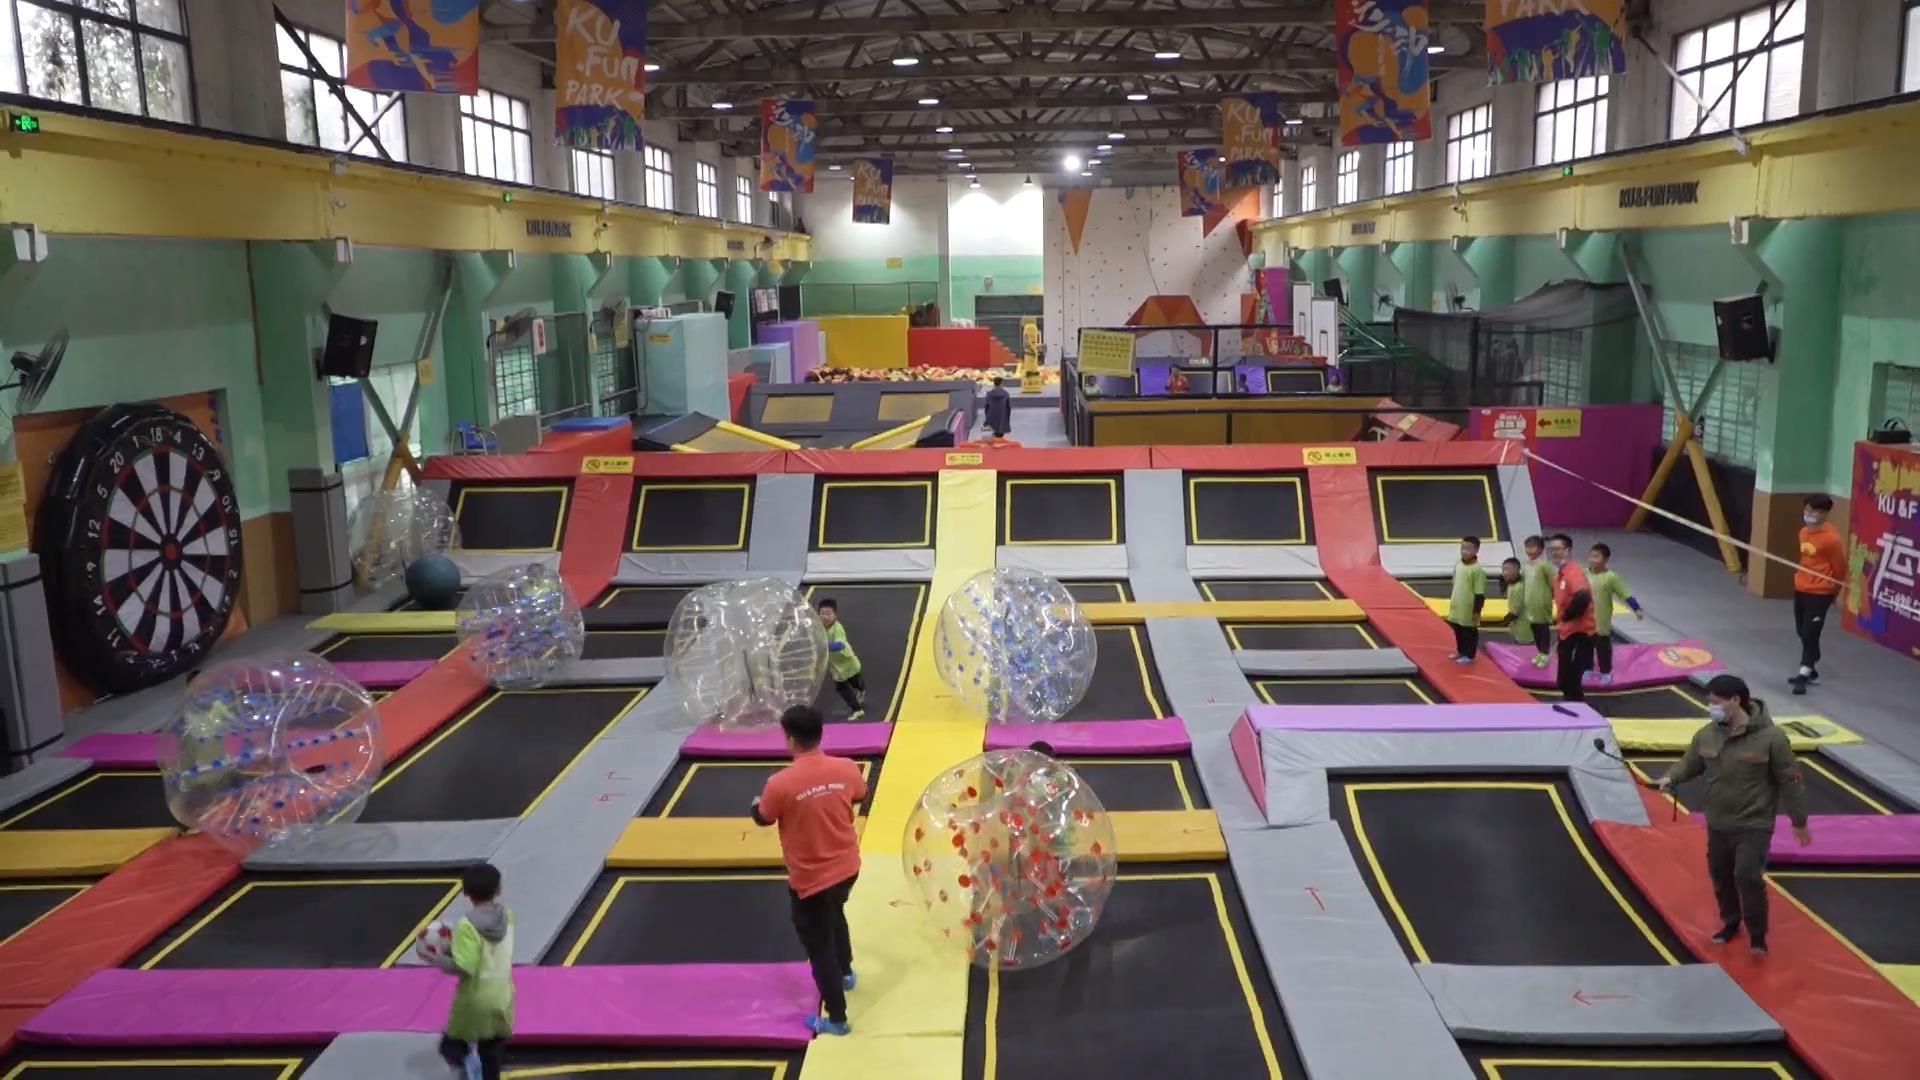 体验新潮体育运动 青少年主题营开营